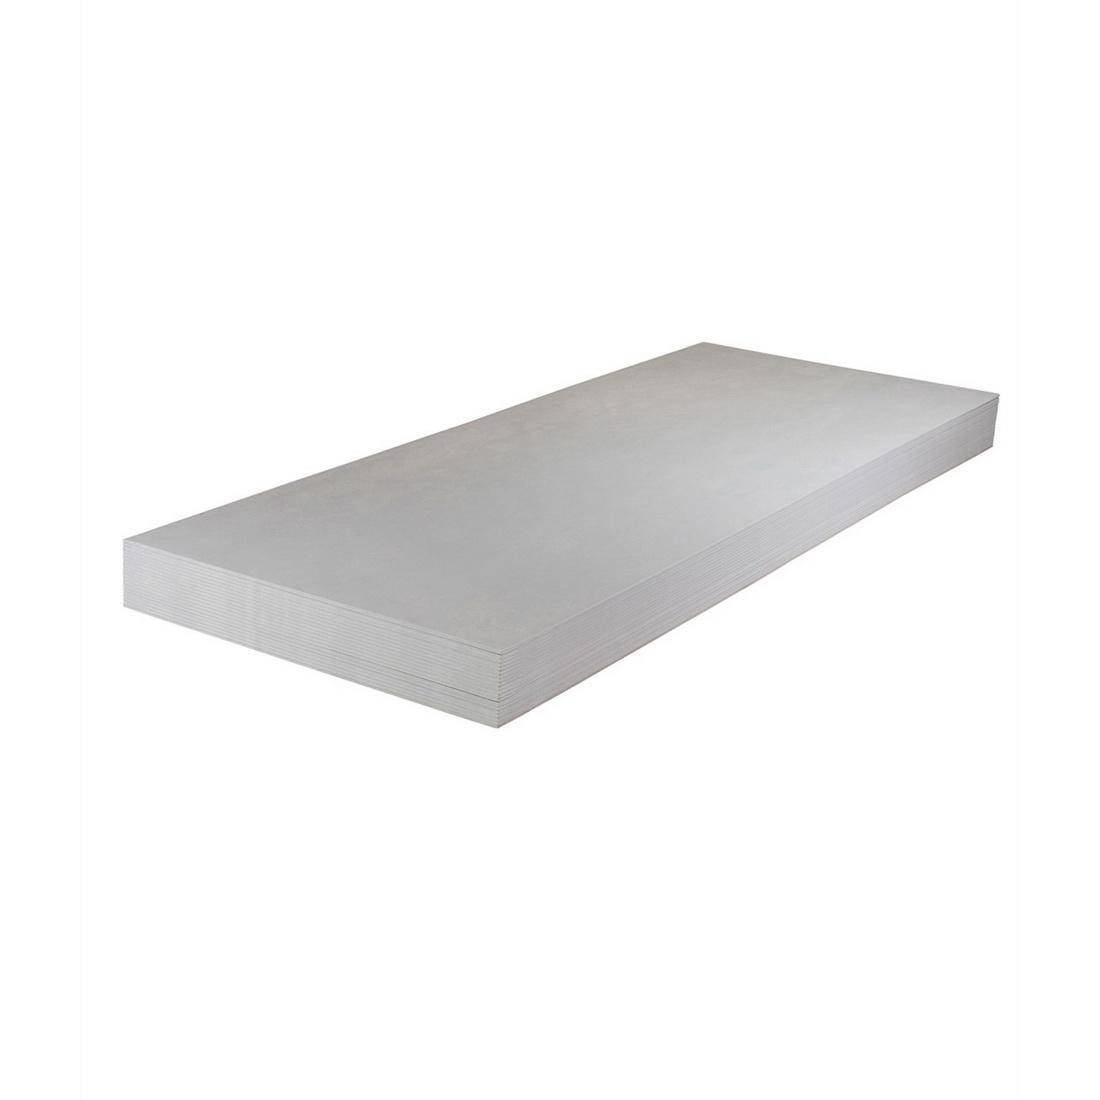 Titan Facade Panel 2400 x 1190 x 9mm